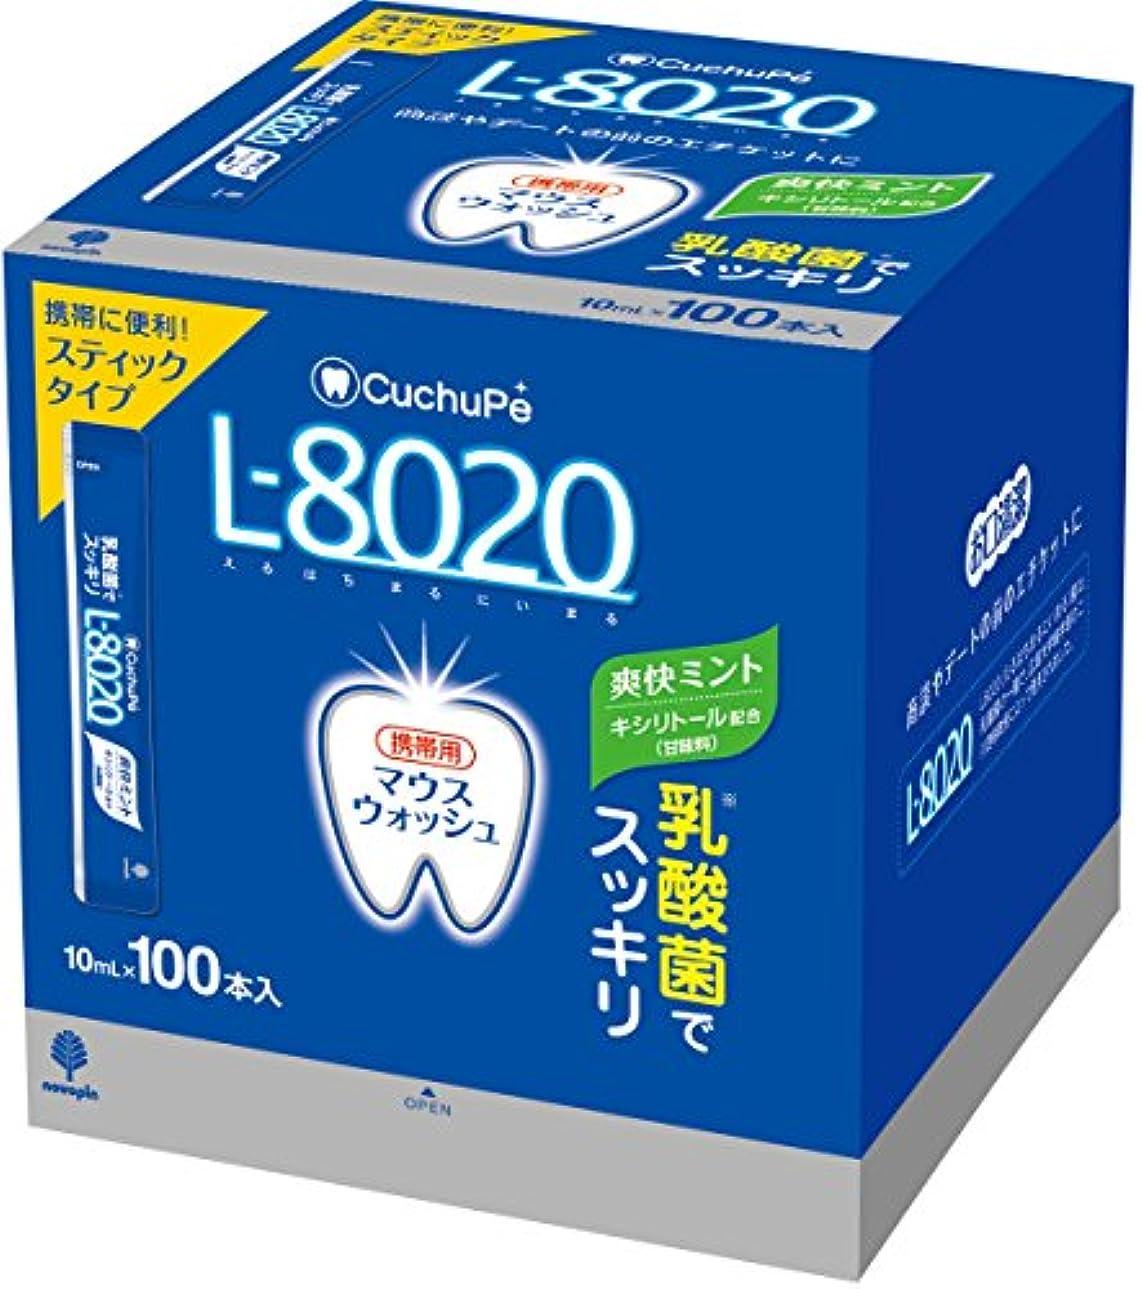 脅威ドライふさわしい紀陽除虫菊 クチュッペ L-8020 マウスウォッシュ 爽快ミント スティックタイプ 100本入 アルコールタイプ 10mL×100本入